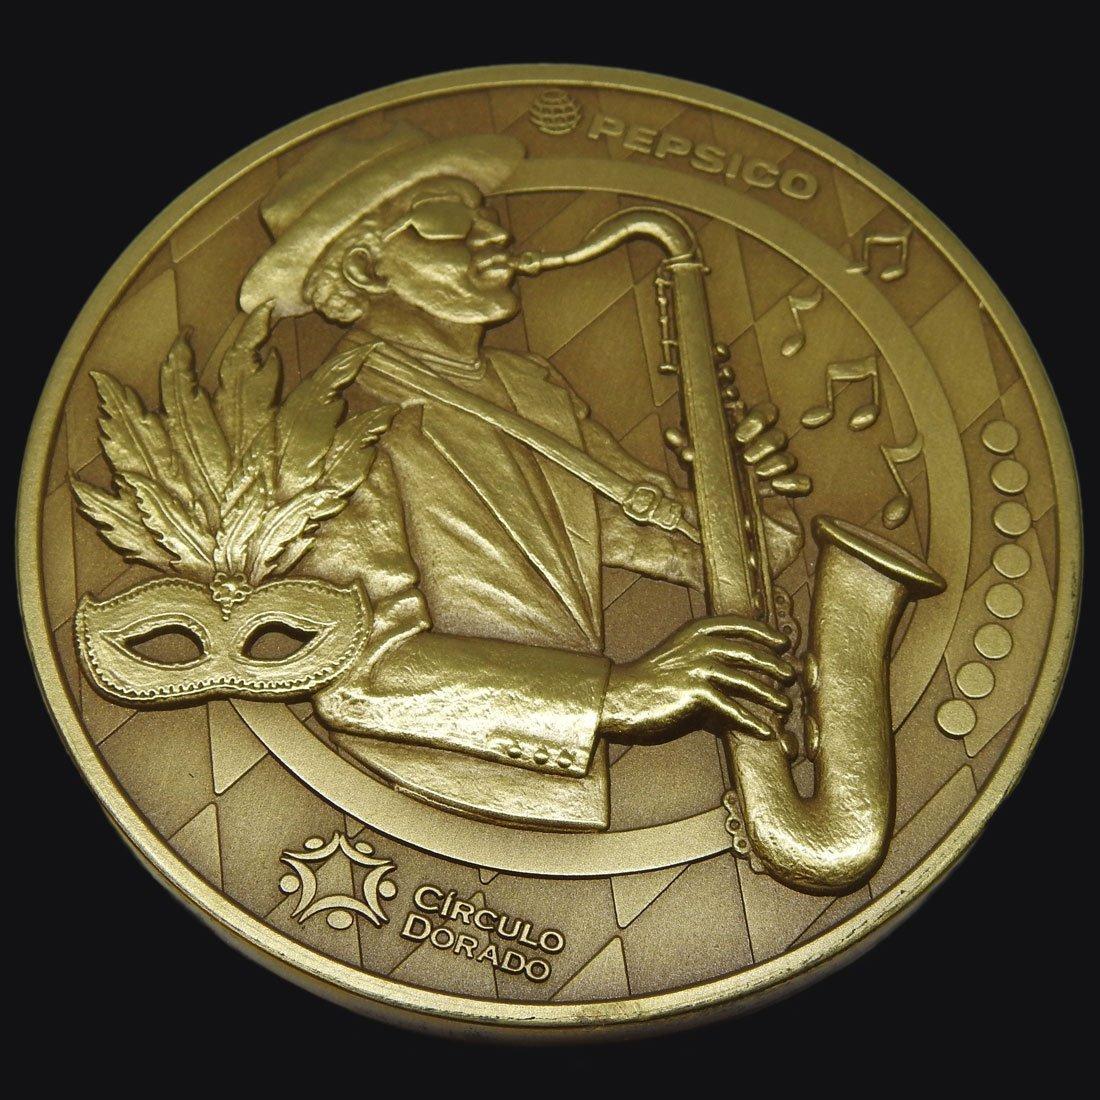 Medalla Empresarial Nueva Orleans Pepsico